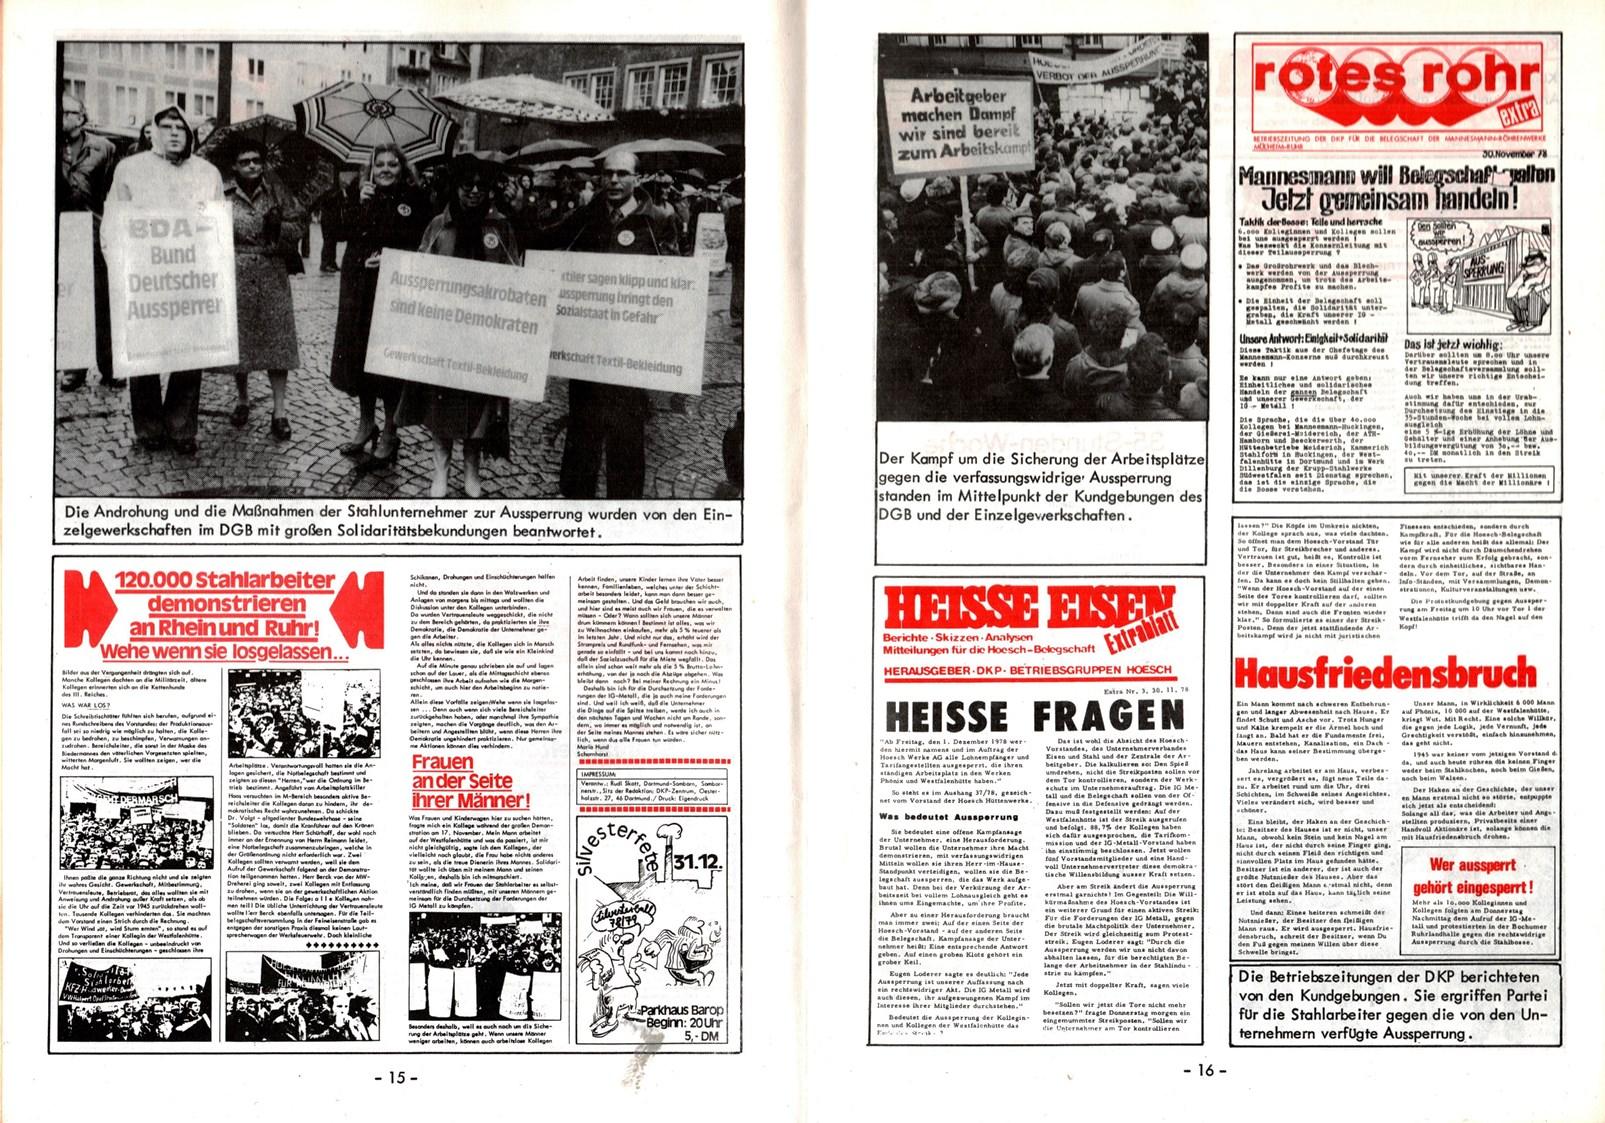 NRW_DKP_Stahlarbeiterstreik_1978_1979_009